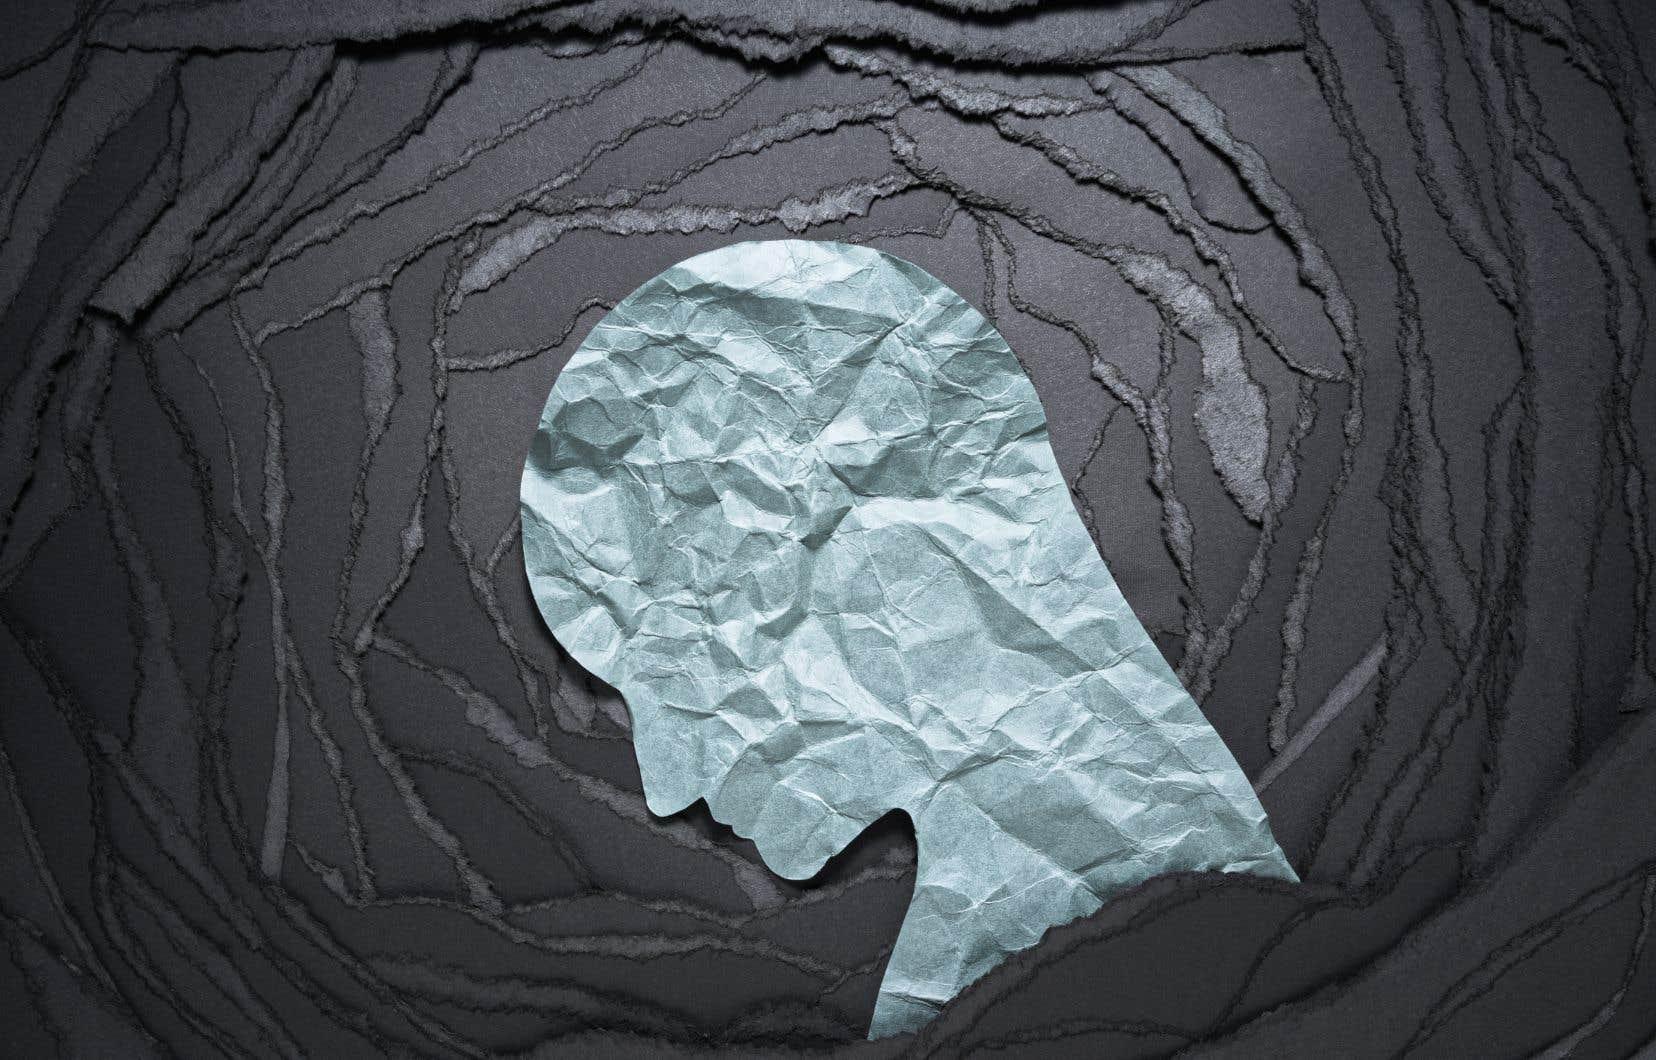 «En pleine Semaine de prévention nationale du suicide, le paradoxe de proposer et d'avaliser que des personnes souffrant de troubles mentaux puissent s'enlever la vie est à la fois saisissant et déplorable», pensent les auteurs.<br />